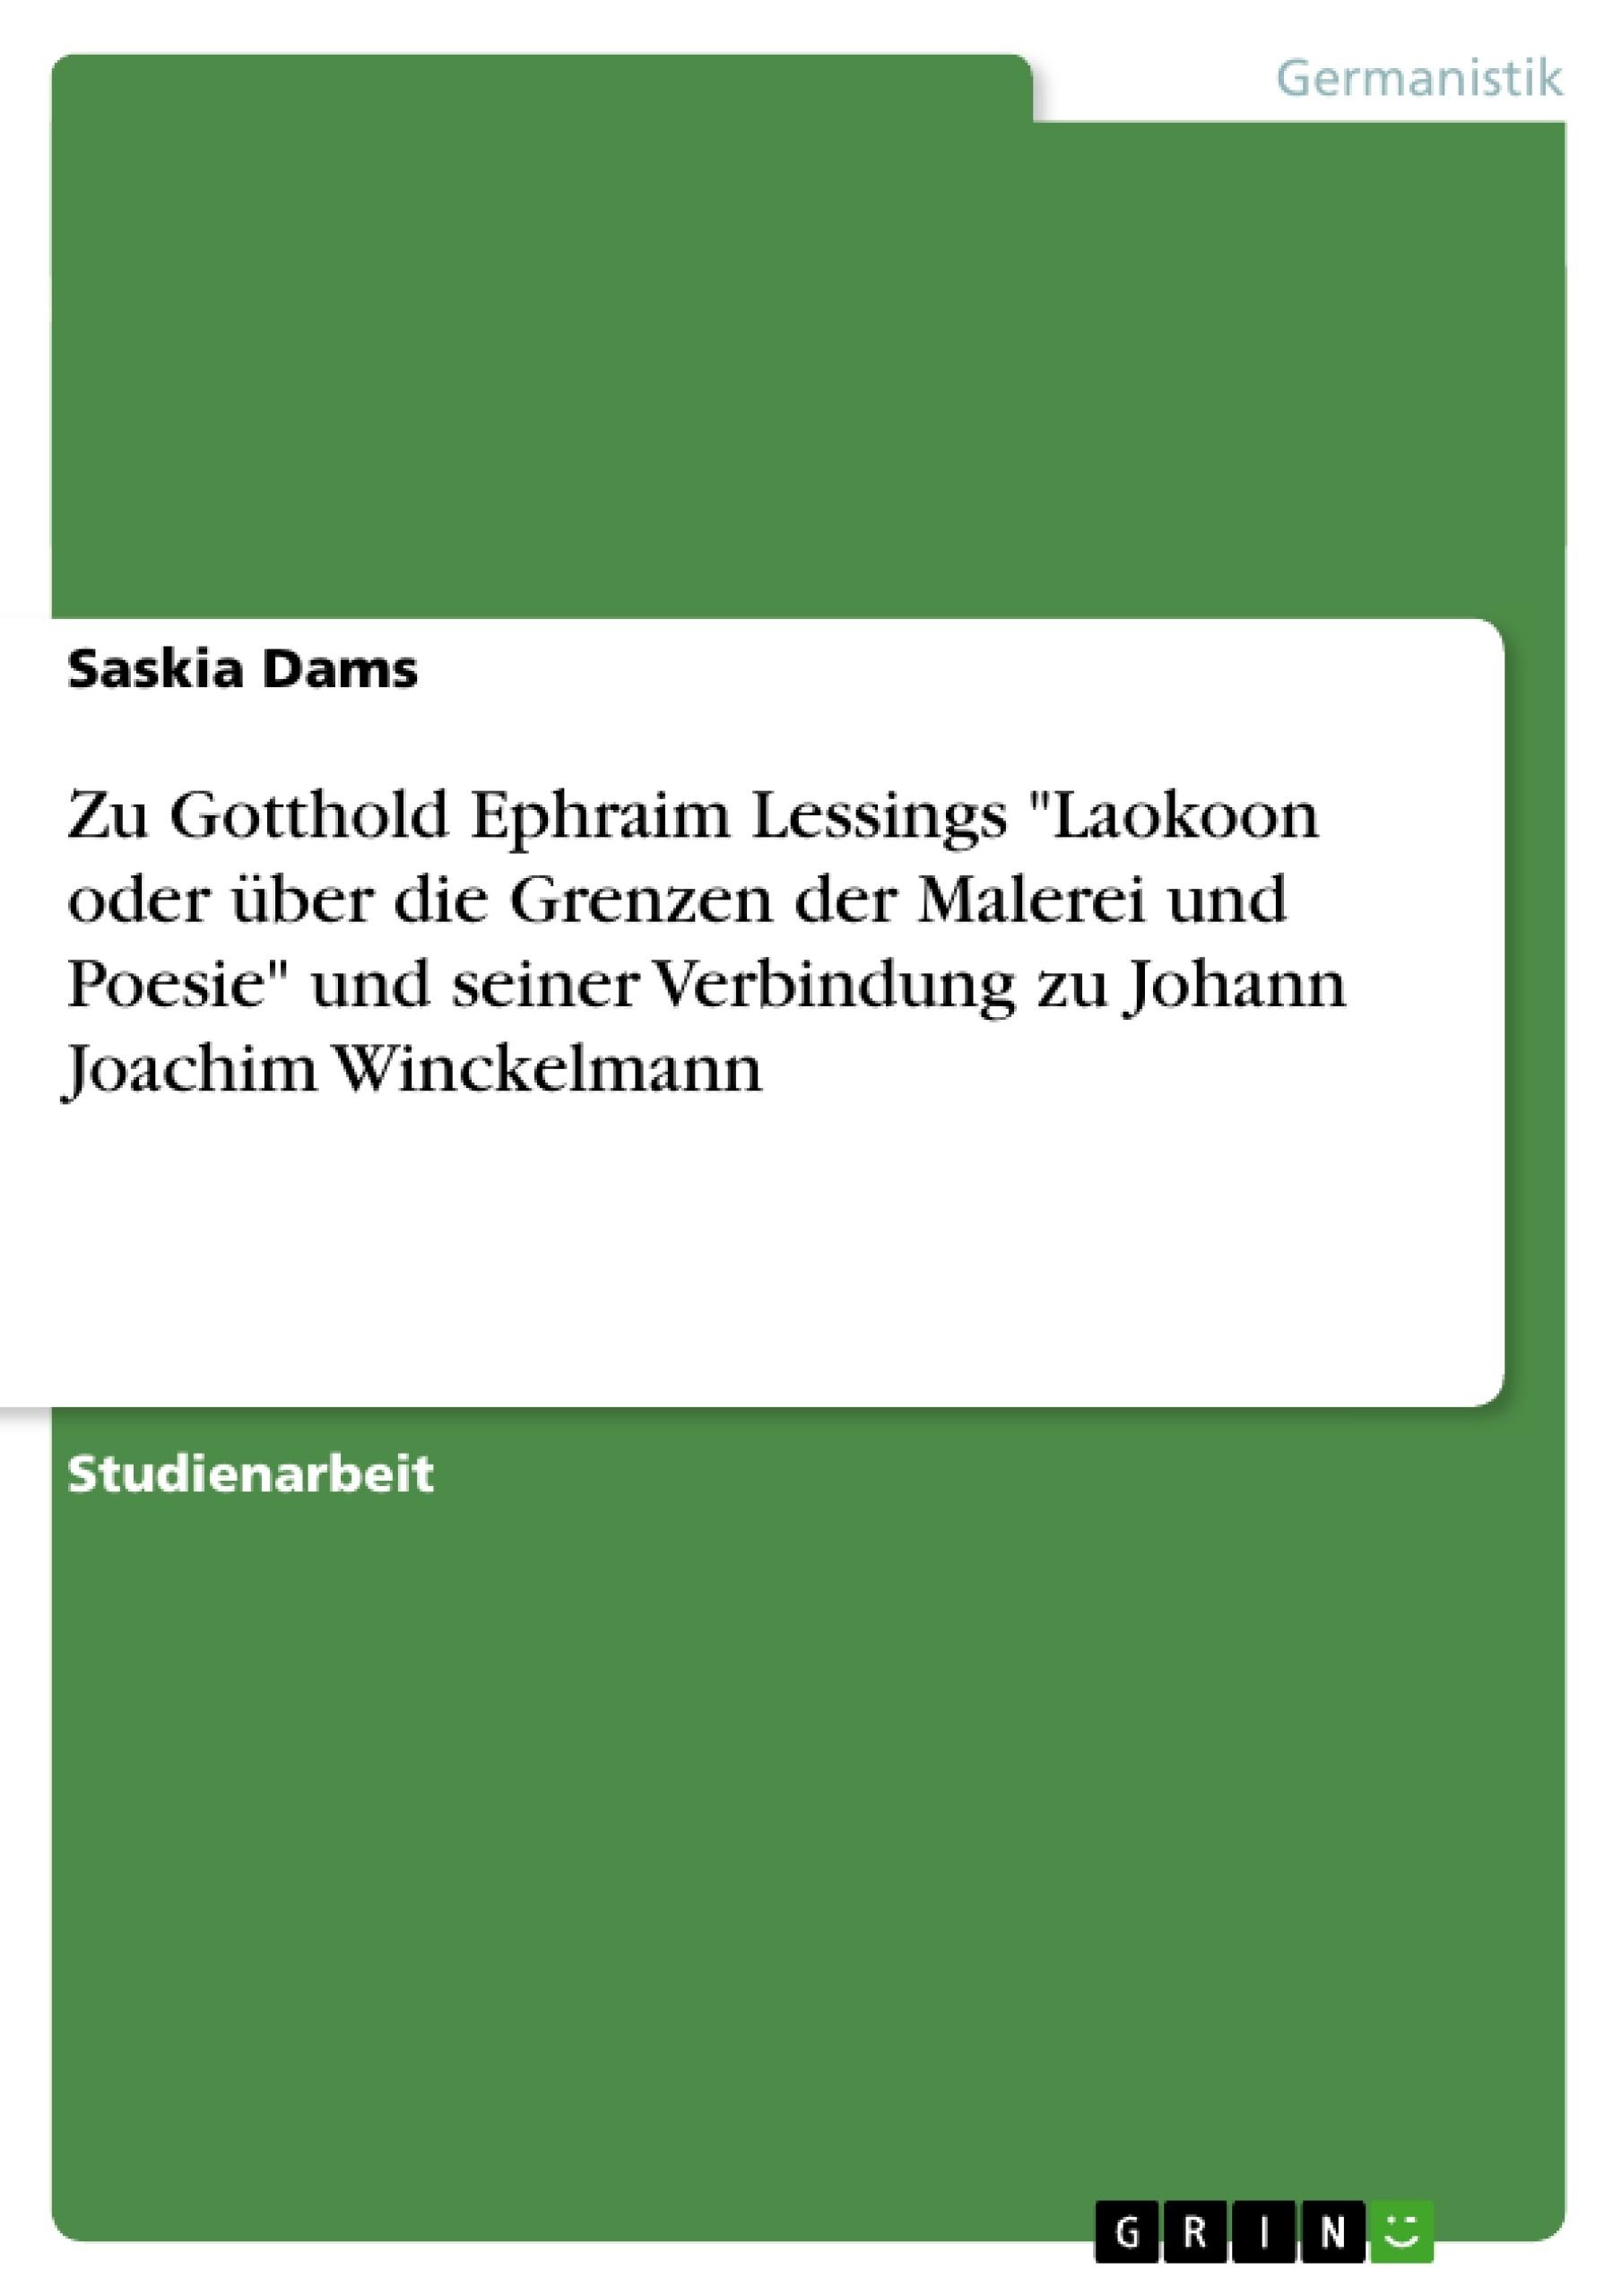 """Titel: Zu Gotthold Ephraim Lessings """"Laokoon oder über die Grenzen der Malerei und Poesie"""" und seiner Verbindung zu Johann Joachim Winckelmann"""